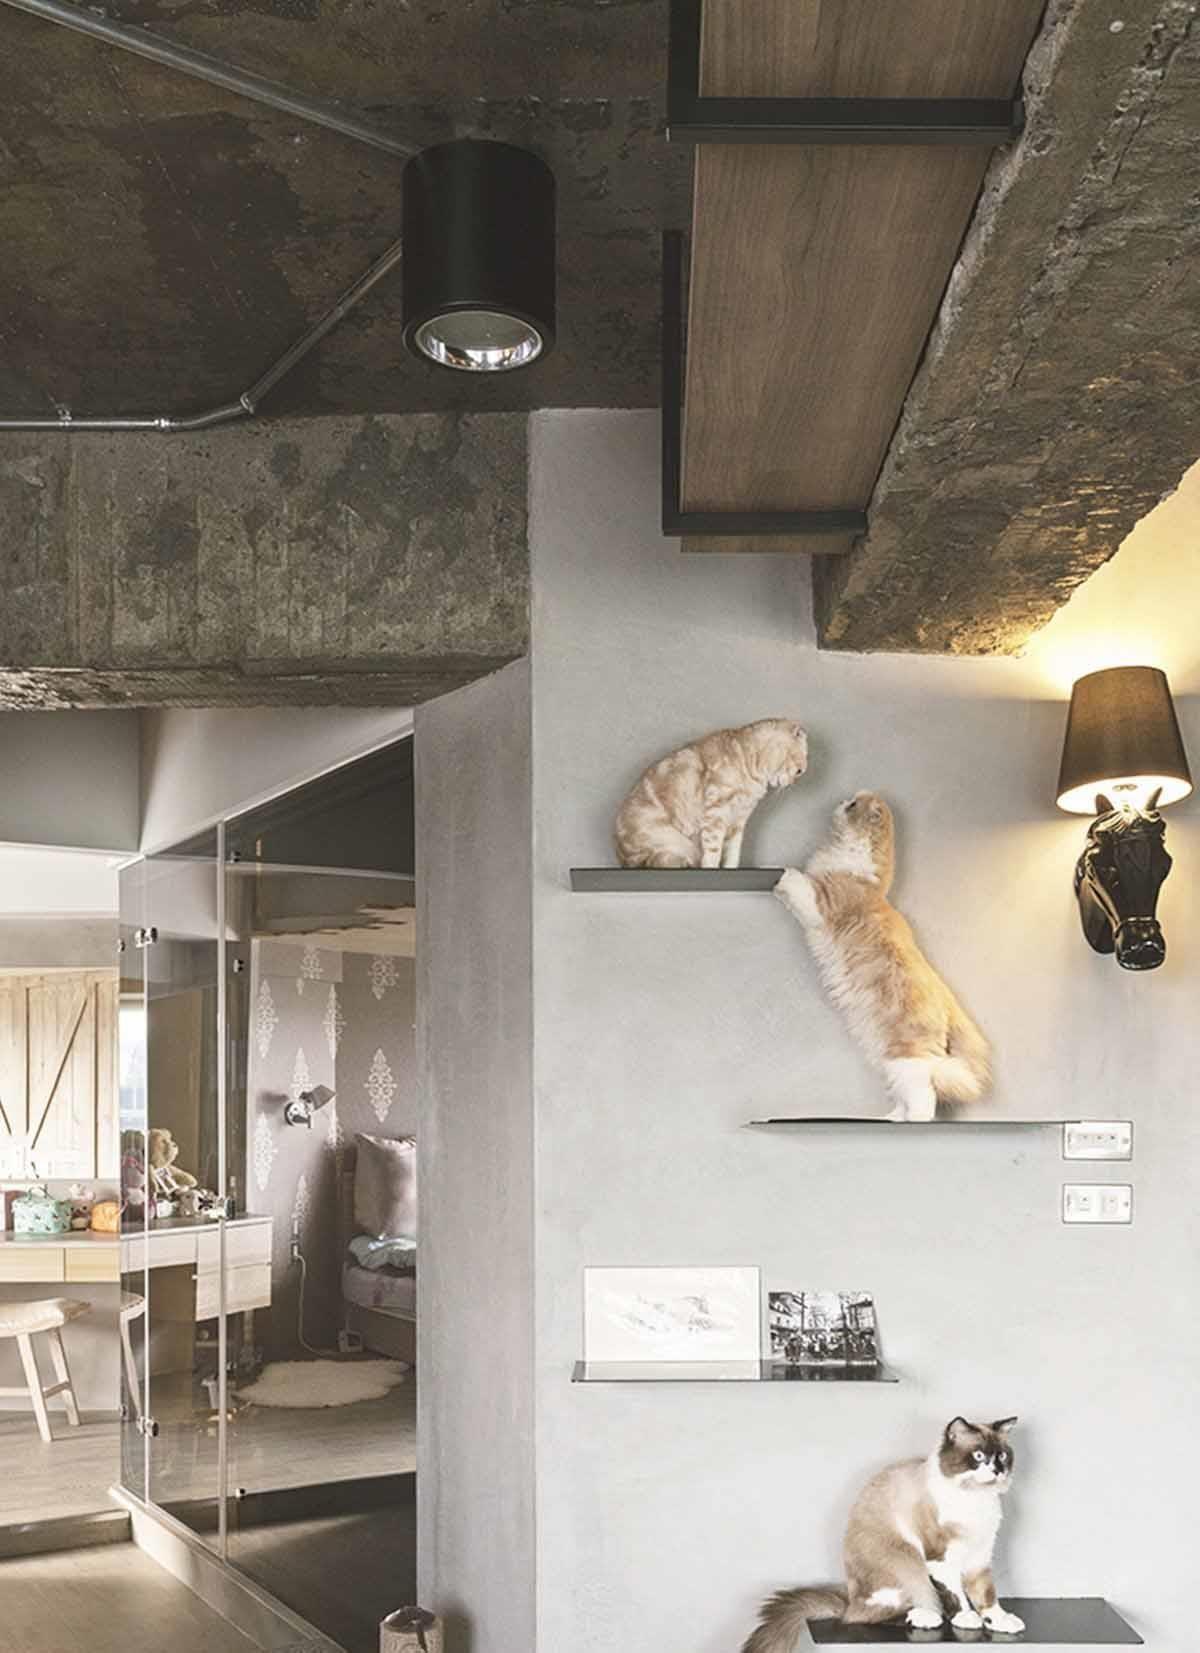 依據貓咪身長規劃的跳台。以鐵件嵌入壁面,依貓咪身長規劃出符合「貓體工學」的貓跳台,成為家中三隻愛貓的遊樂場。